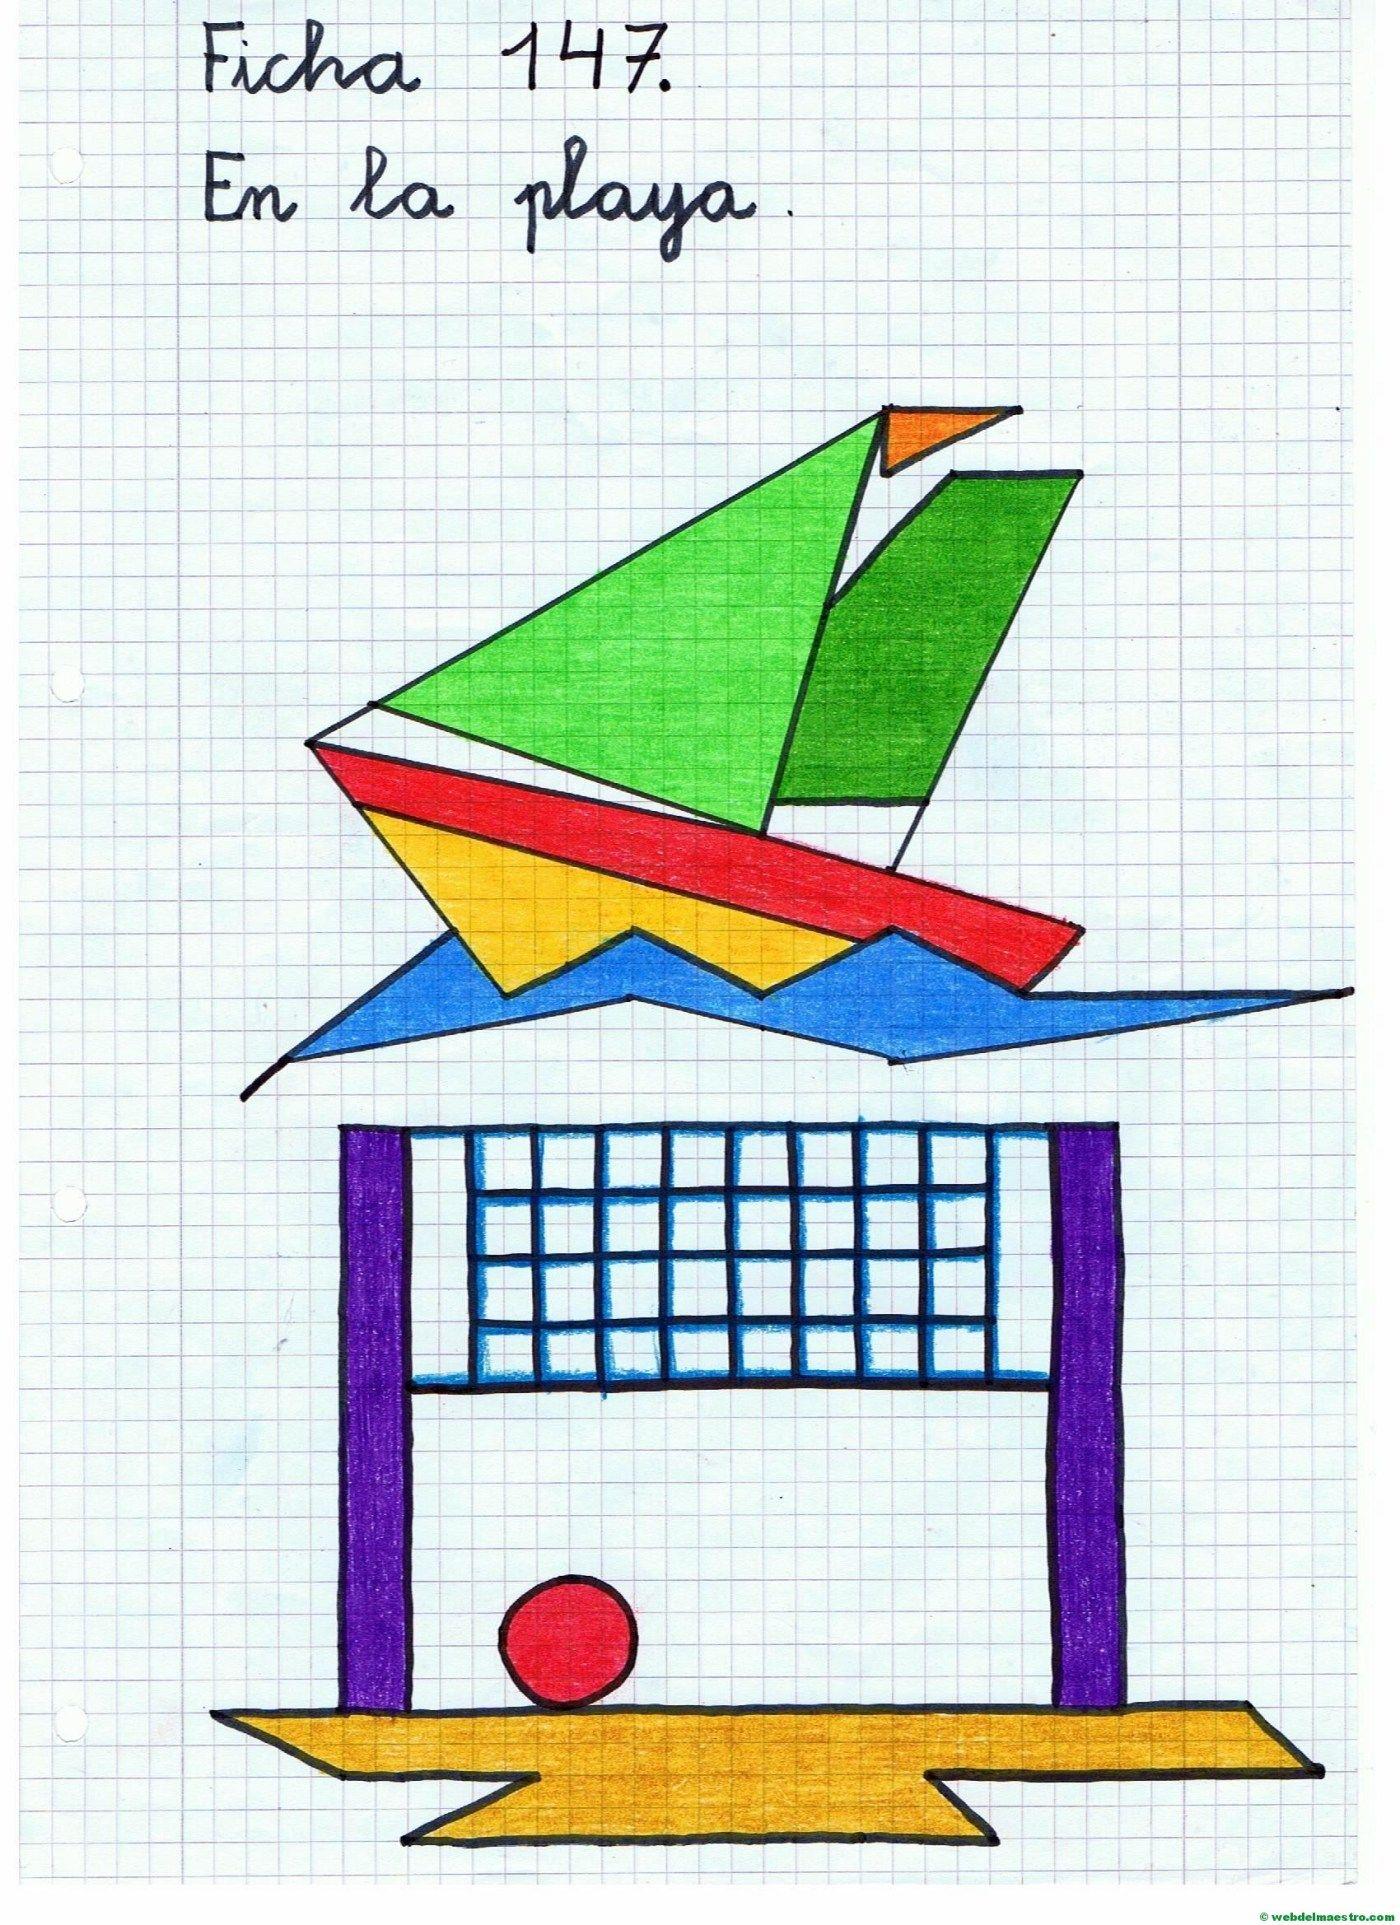 Dibujos en cuadrícula sobre la playa Ficha 1